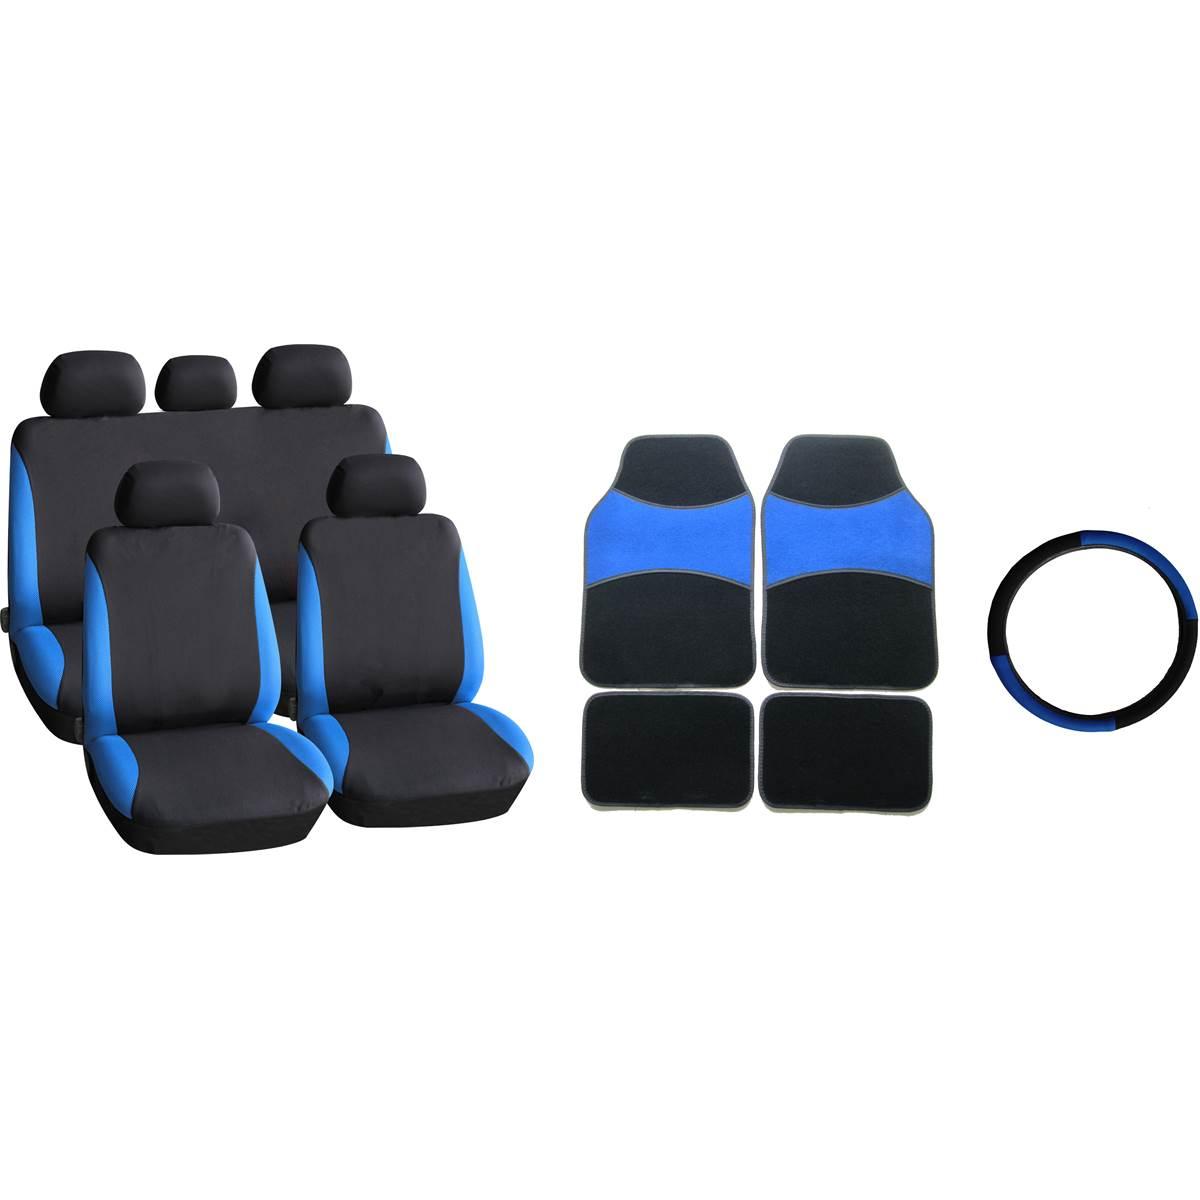 Pack tapis moquette 4 pièces + housse universelle + couvre volant BLEU